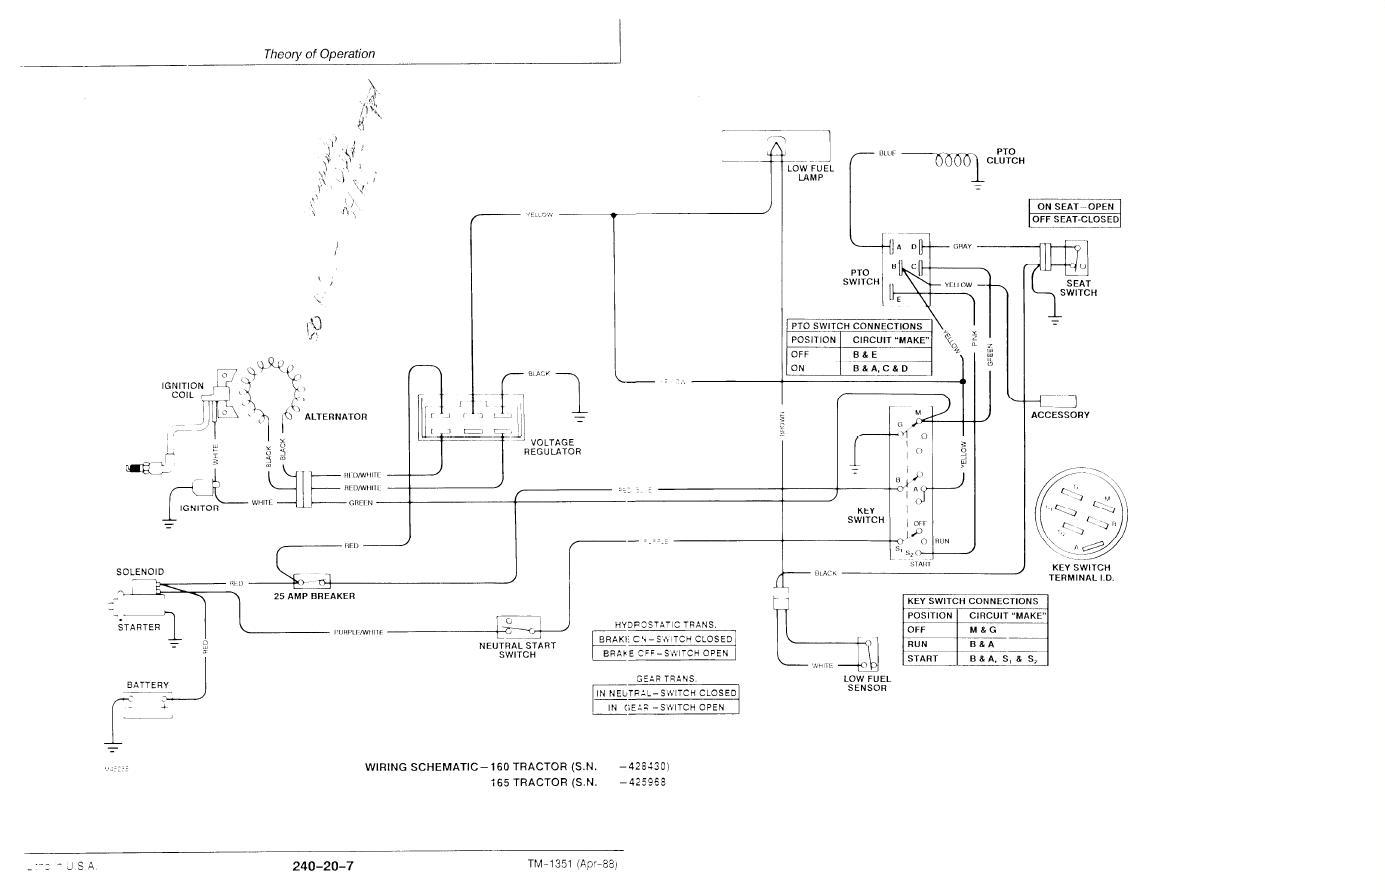 john deere 318 pto switch wiring diagram wiring diagram john deere lawn mower pto switch ignition 110 volt